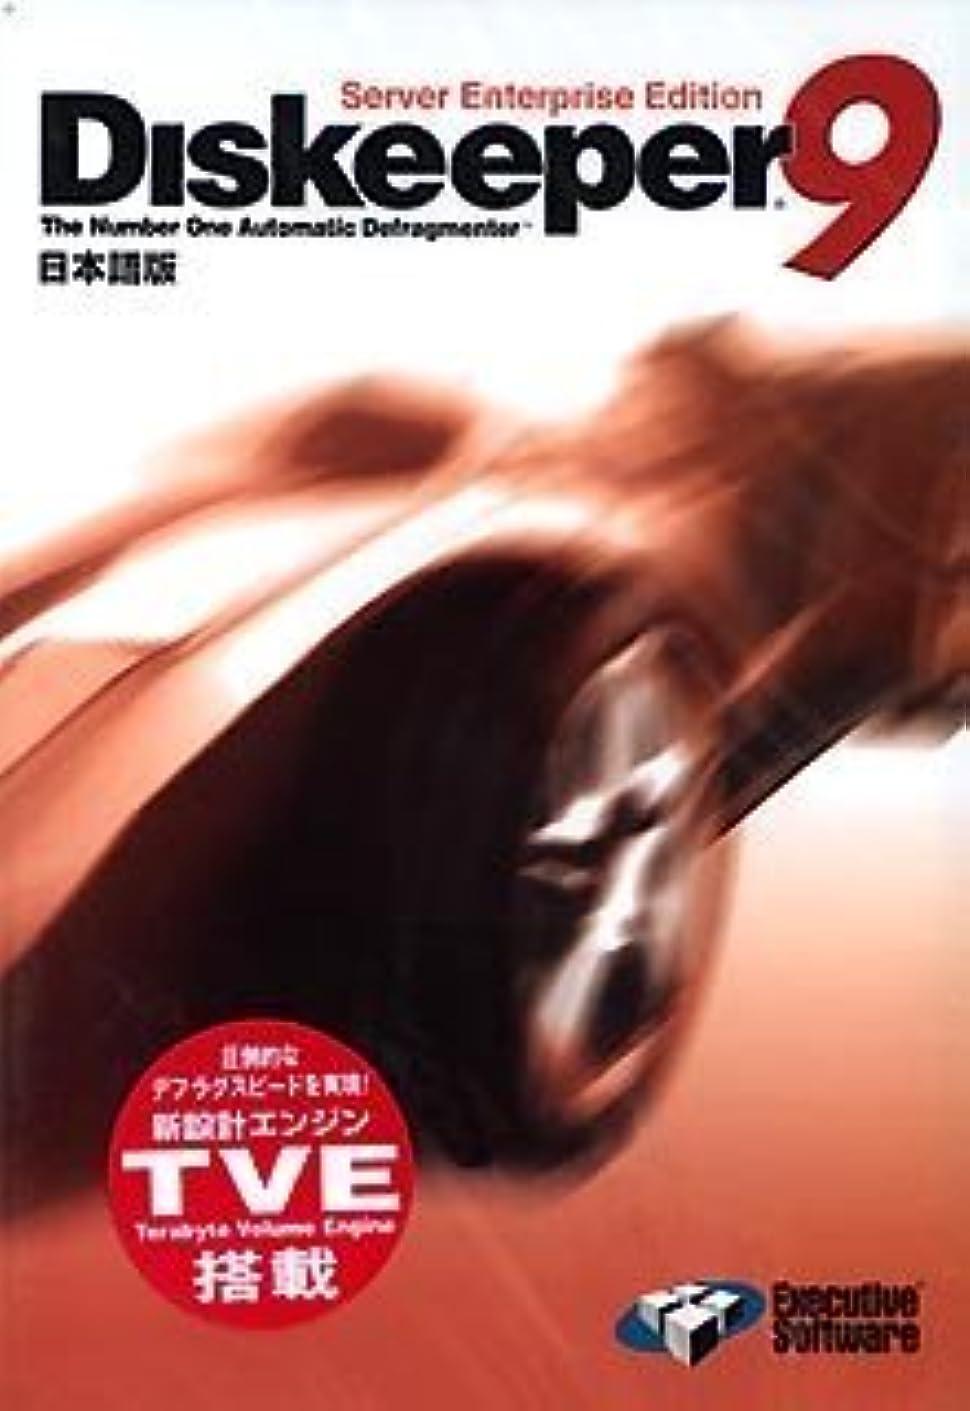 赤字アレイ取り出すDiskeeper 9 for Windows 日本語版 Server Enterprise Edition